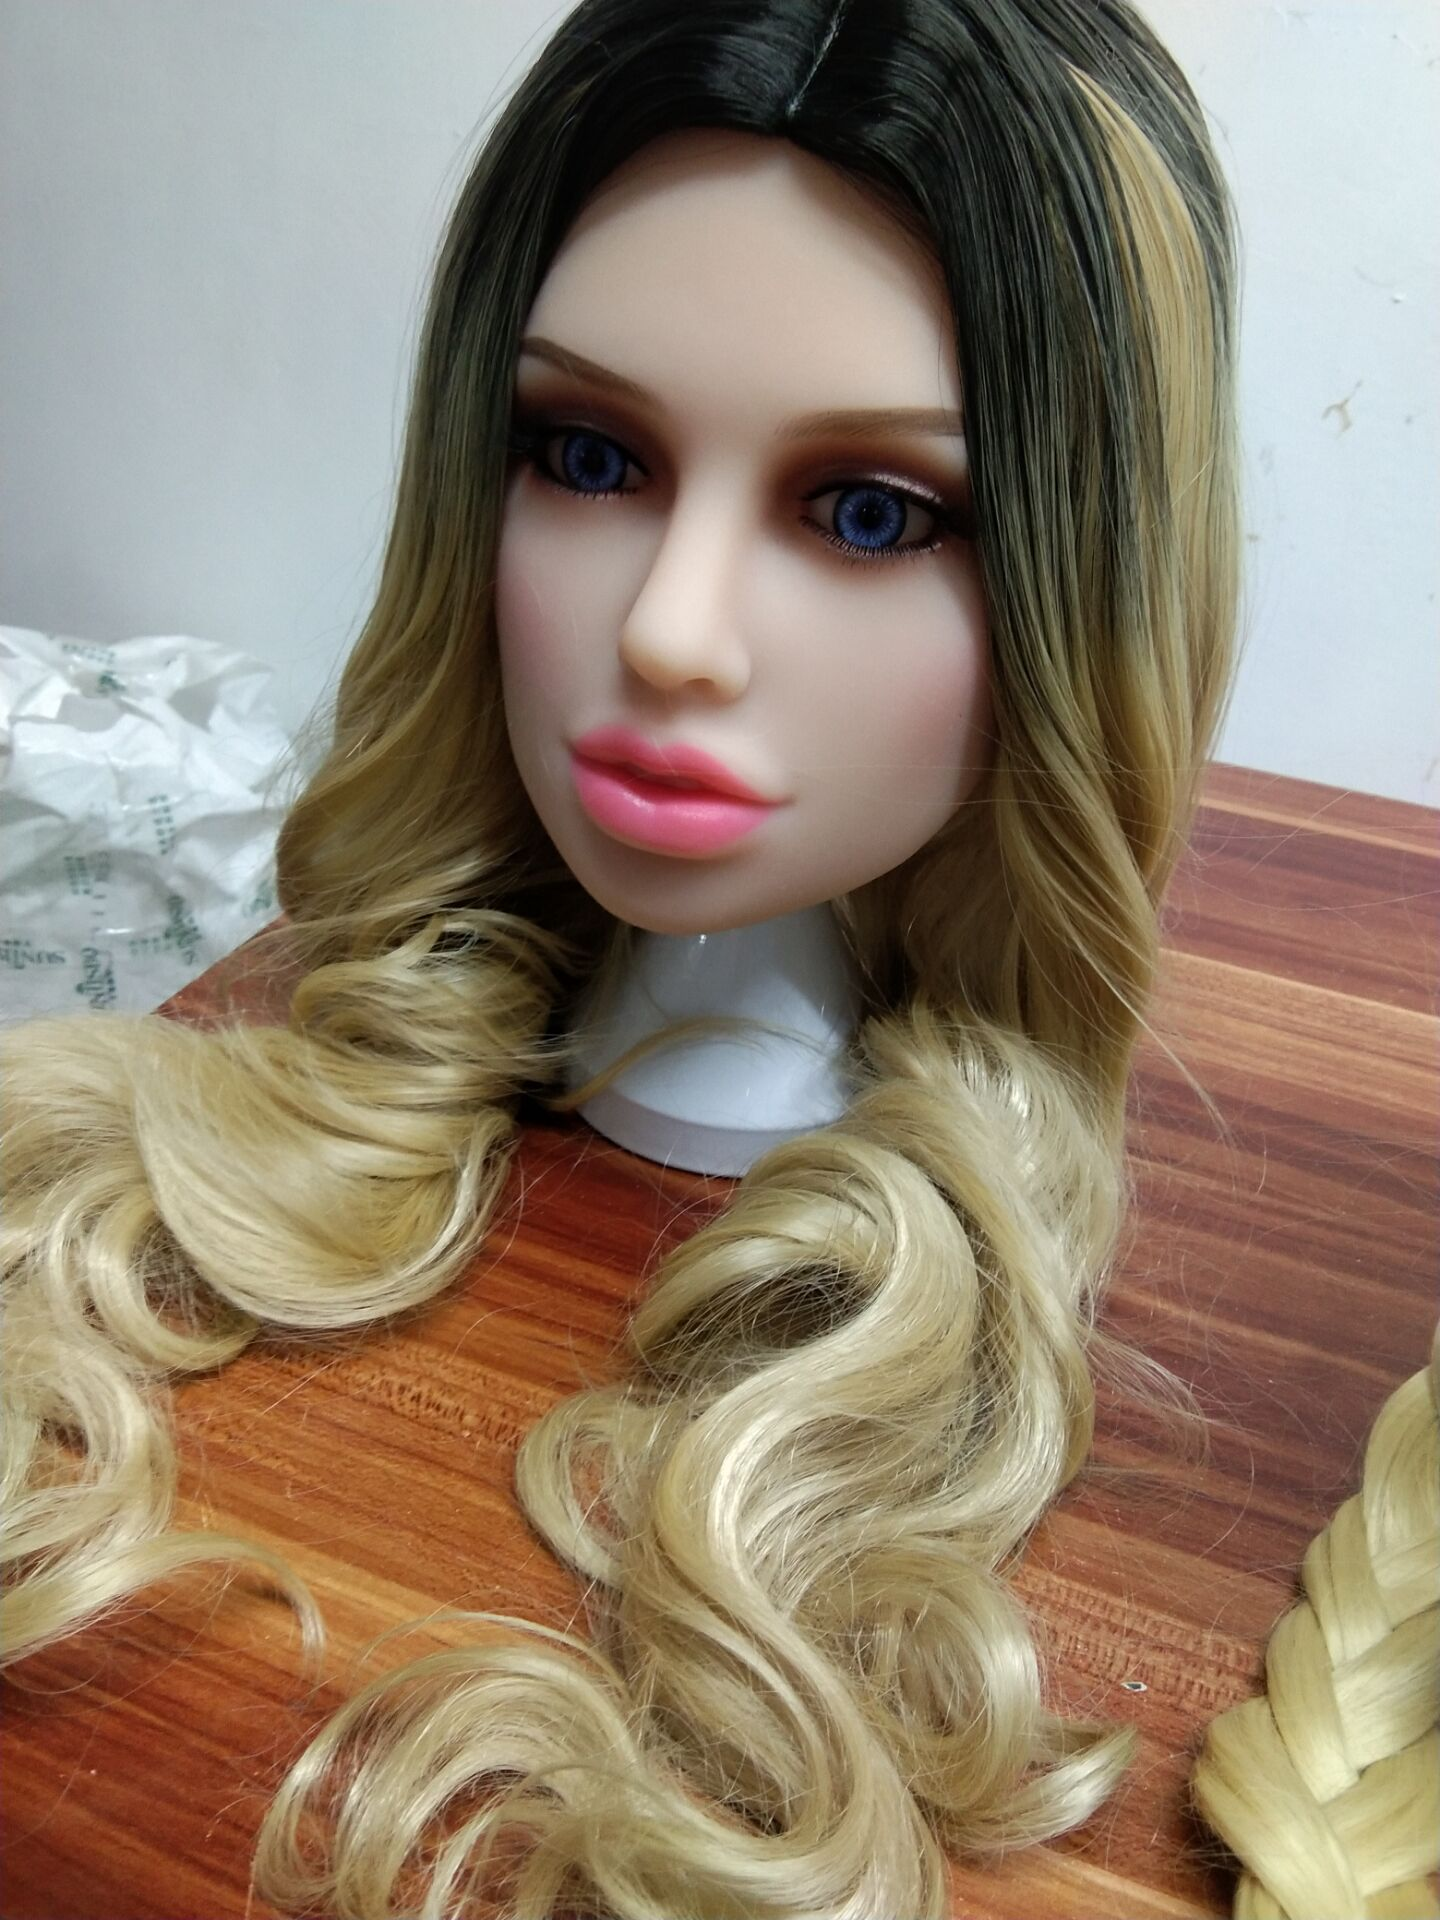 Muñeca sexual con altura de cabeza para muñeca de amor de silicona Real, cabezas de muñeca con Oral, nuevos juguetes sexuales para hombres, cabezas de muñeca reales